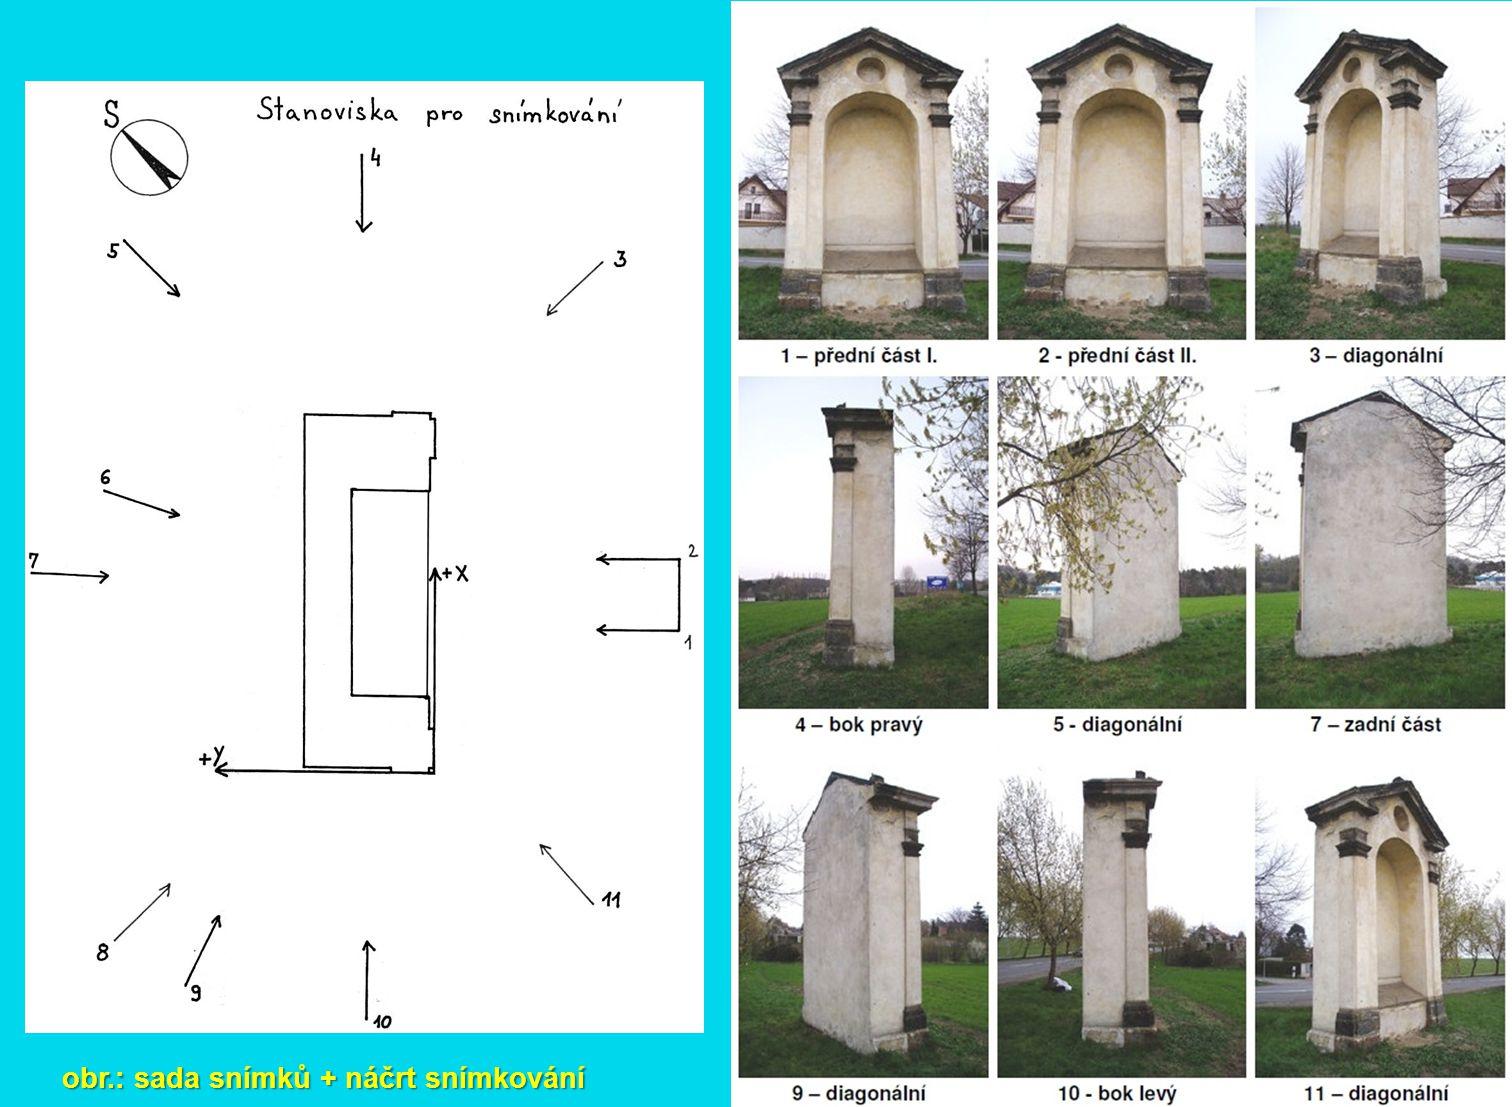 obr.: sada snímků + náčrt snímkování